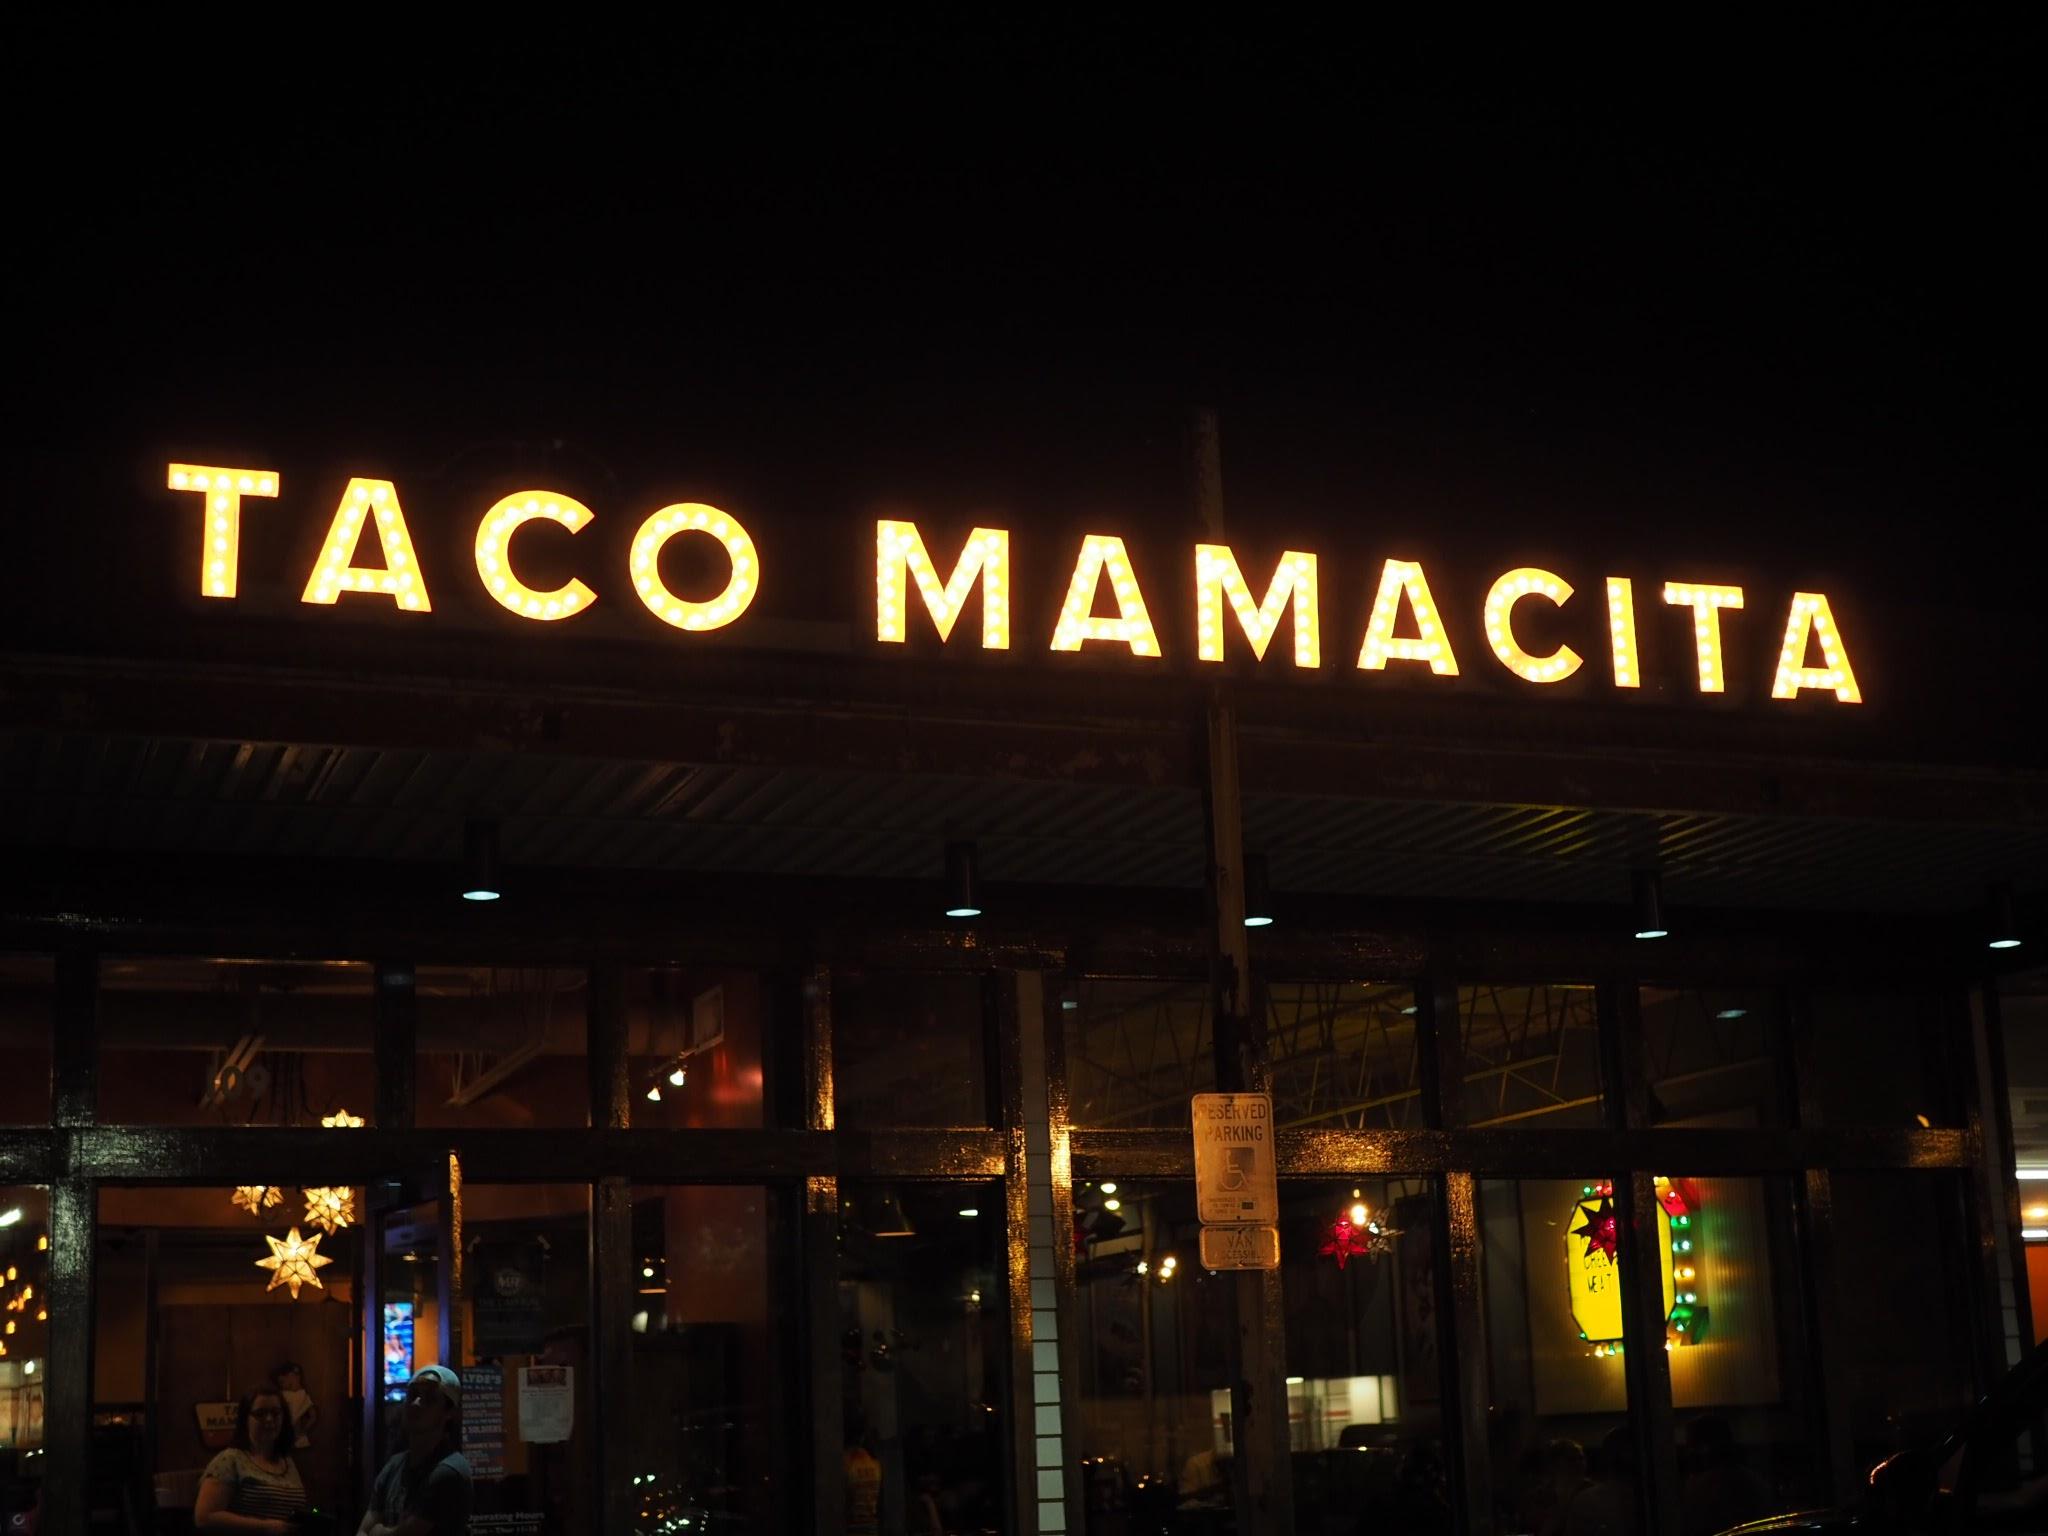 tacomama_outside.jpg